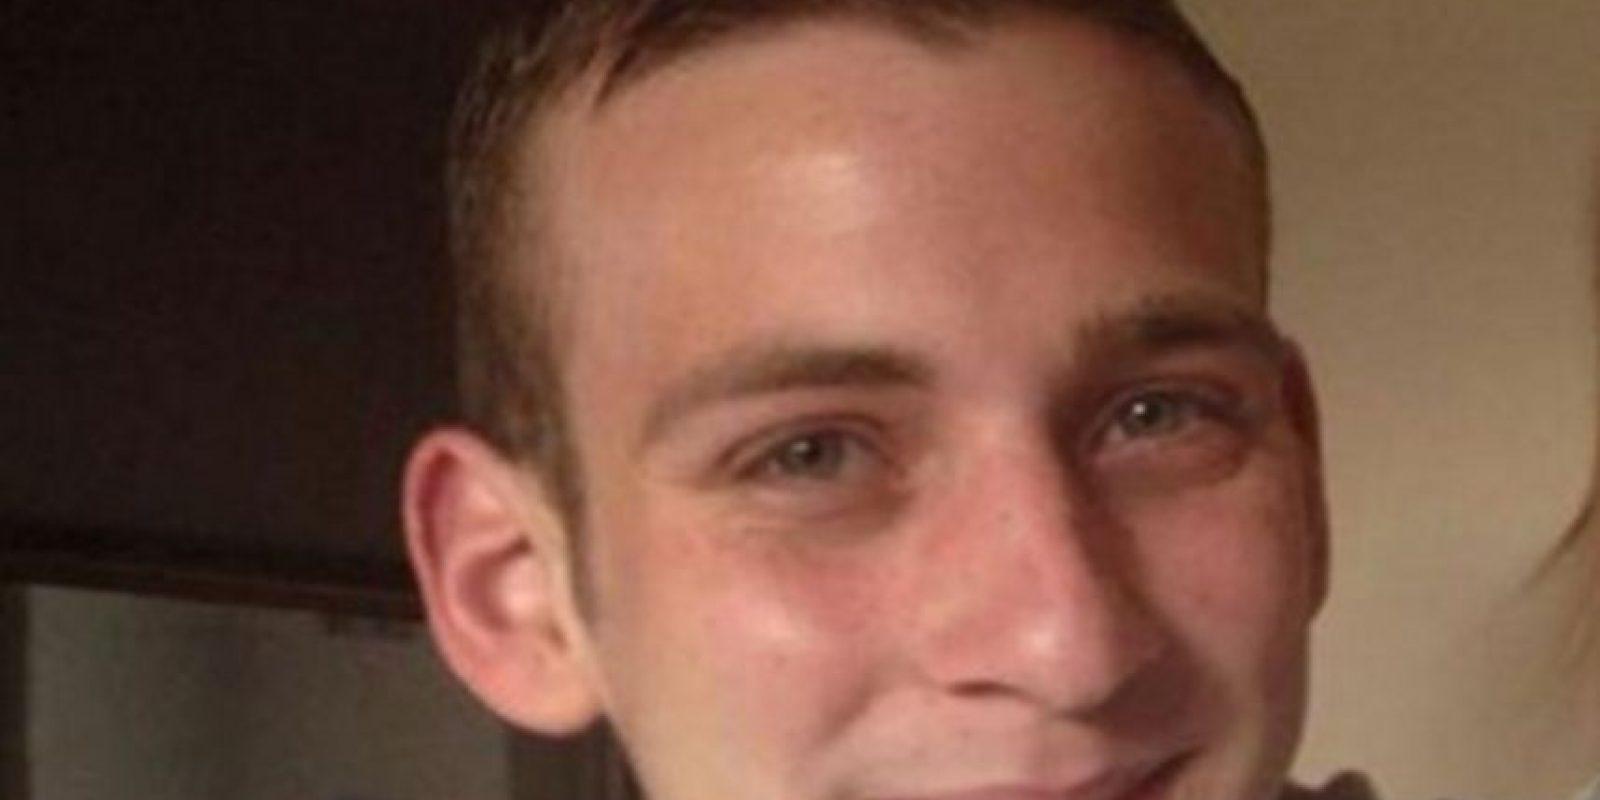 Su última víctima sería Jack Taylor, de 25 años, cuyo cuerpo sin vida fue visto por un paseador de perros cerca de las Ruinas de Abbey. Foto:Tumbrl